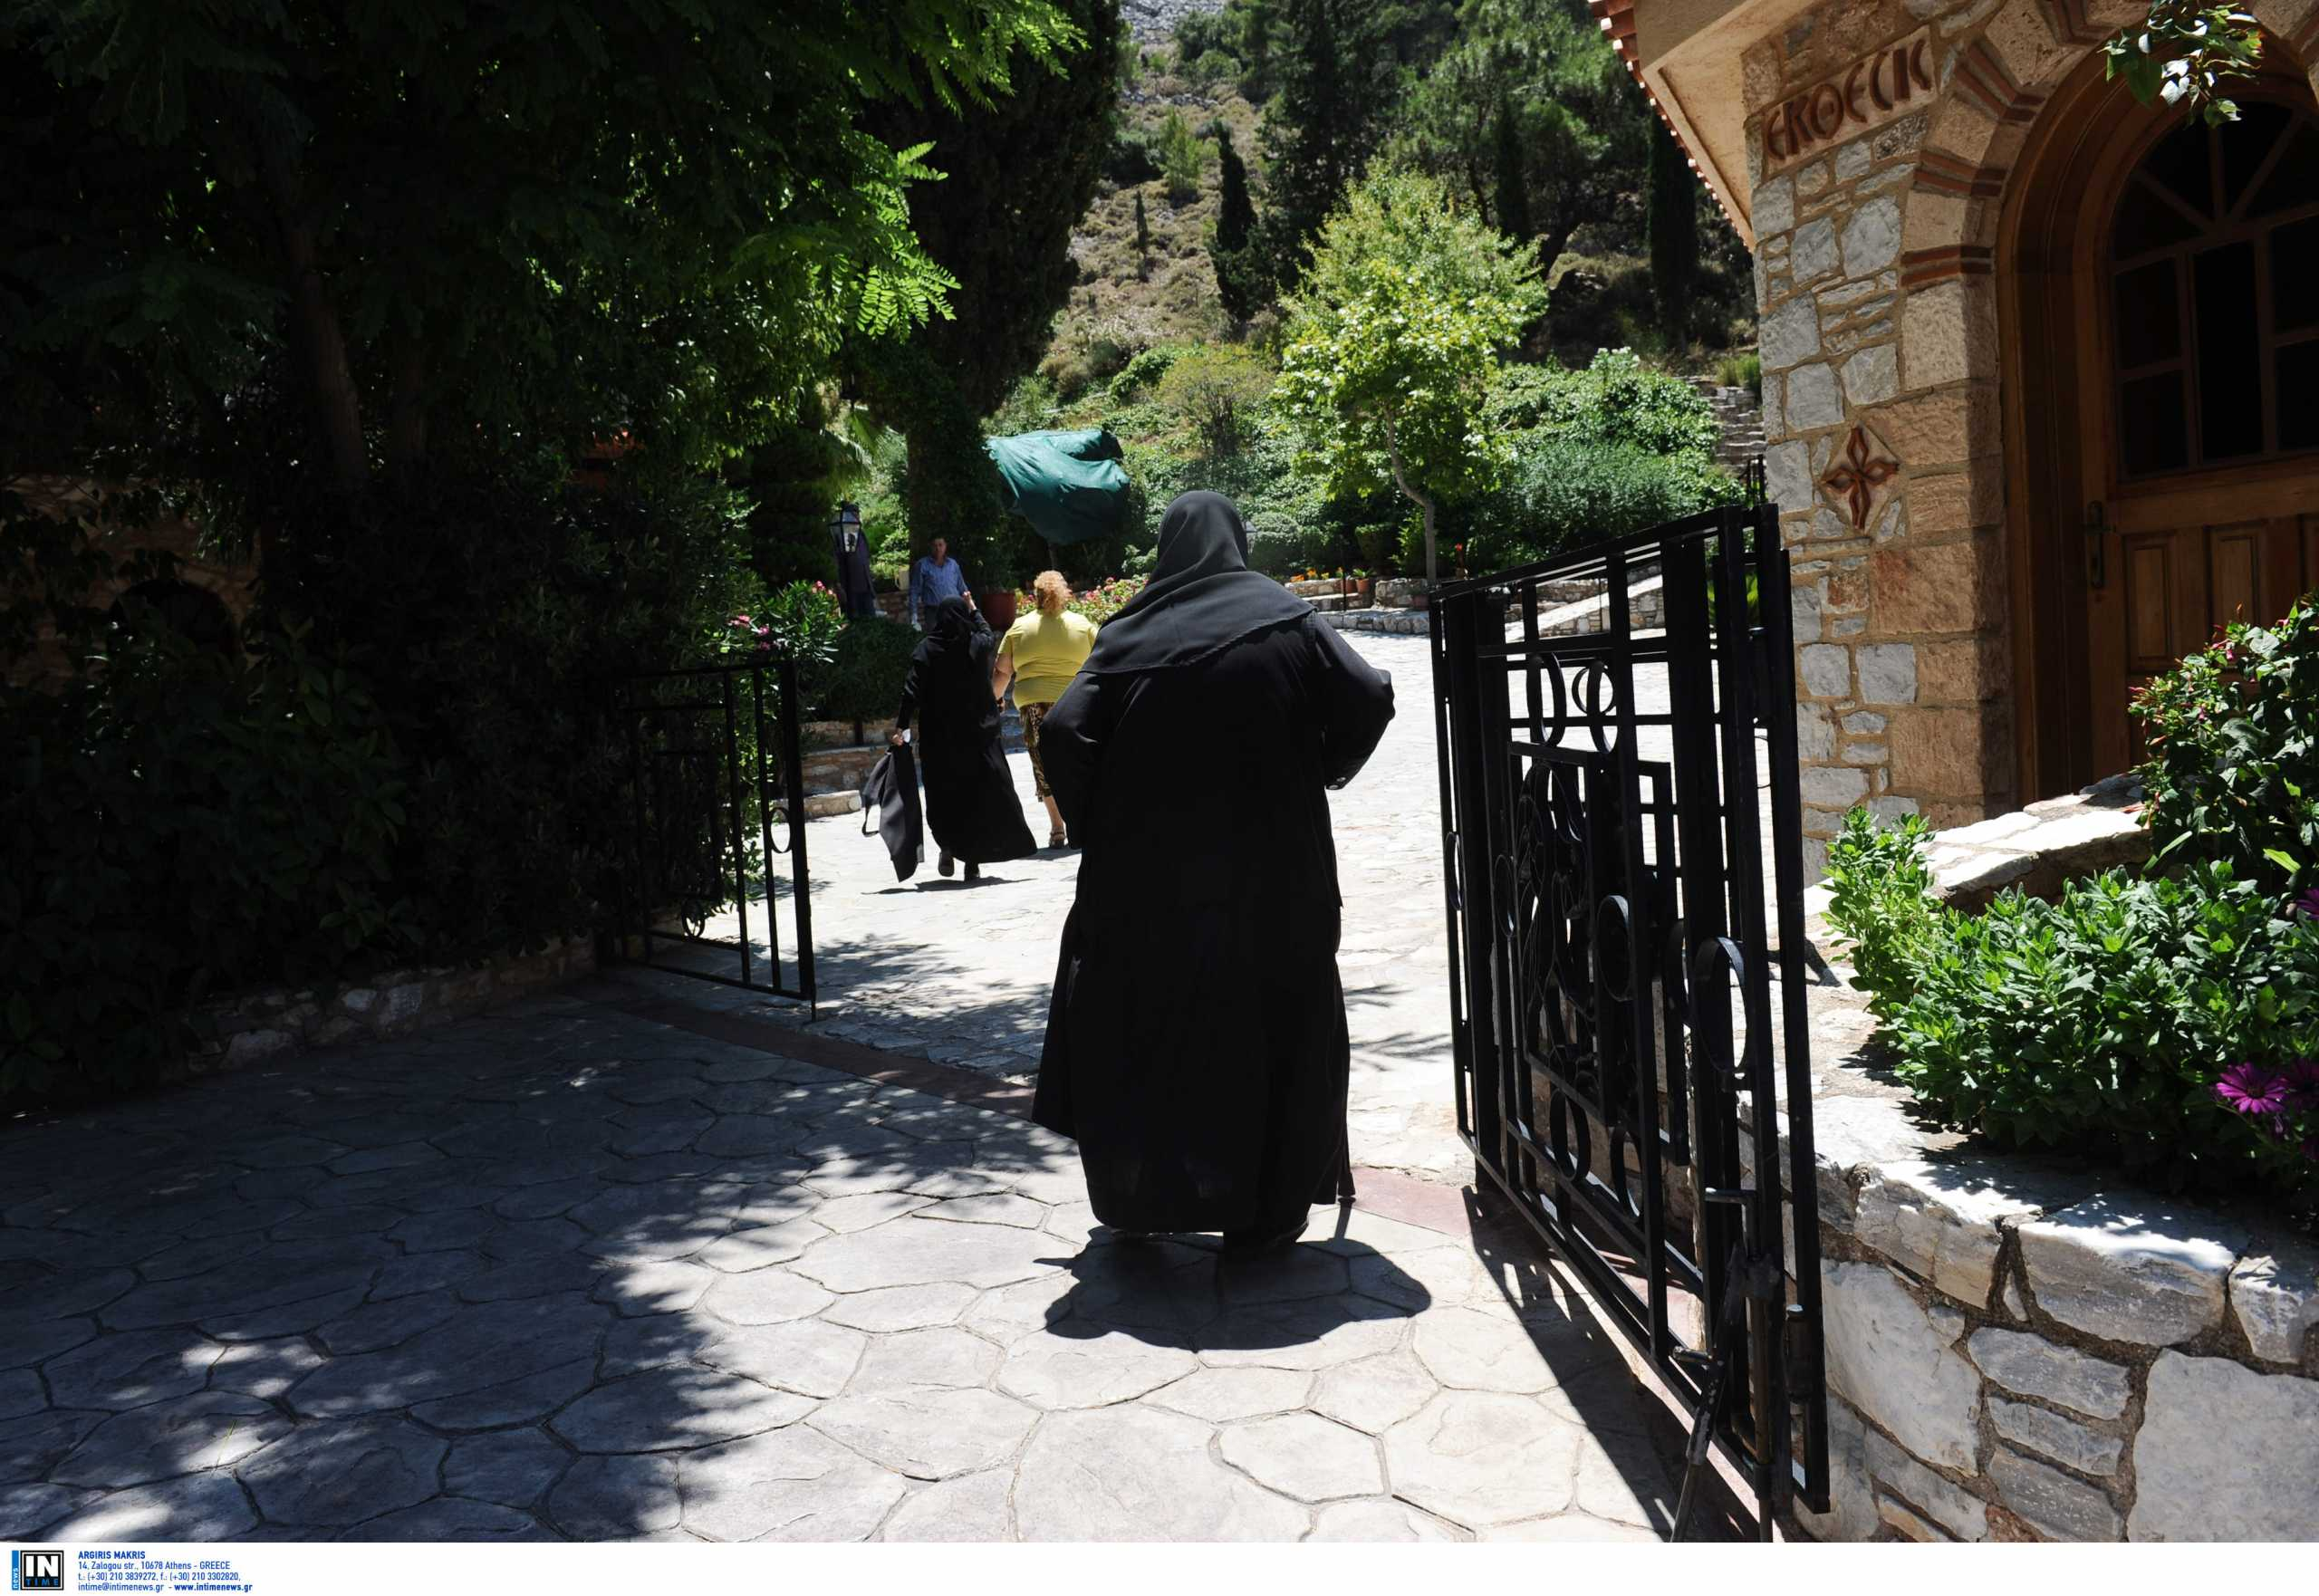 Φθιώτιδα – Κορονοϊός: Αγωνία για τις μοναχές που νόσησαν σε μοναστήρι – 103 ετών η μεγαλύτερη (video)